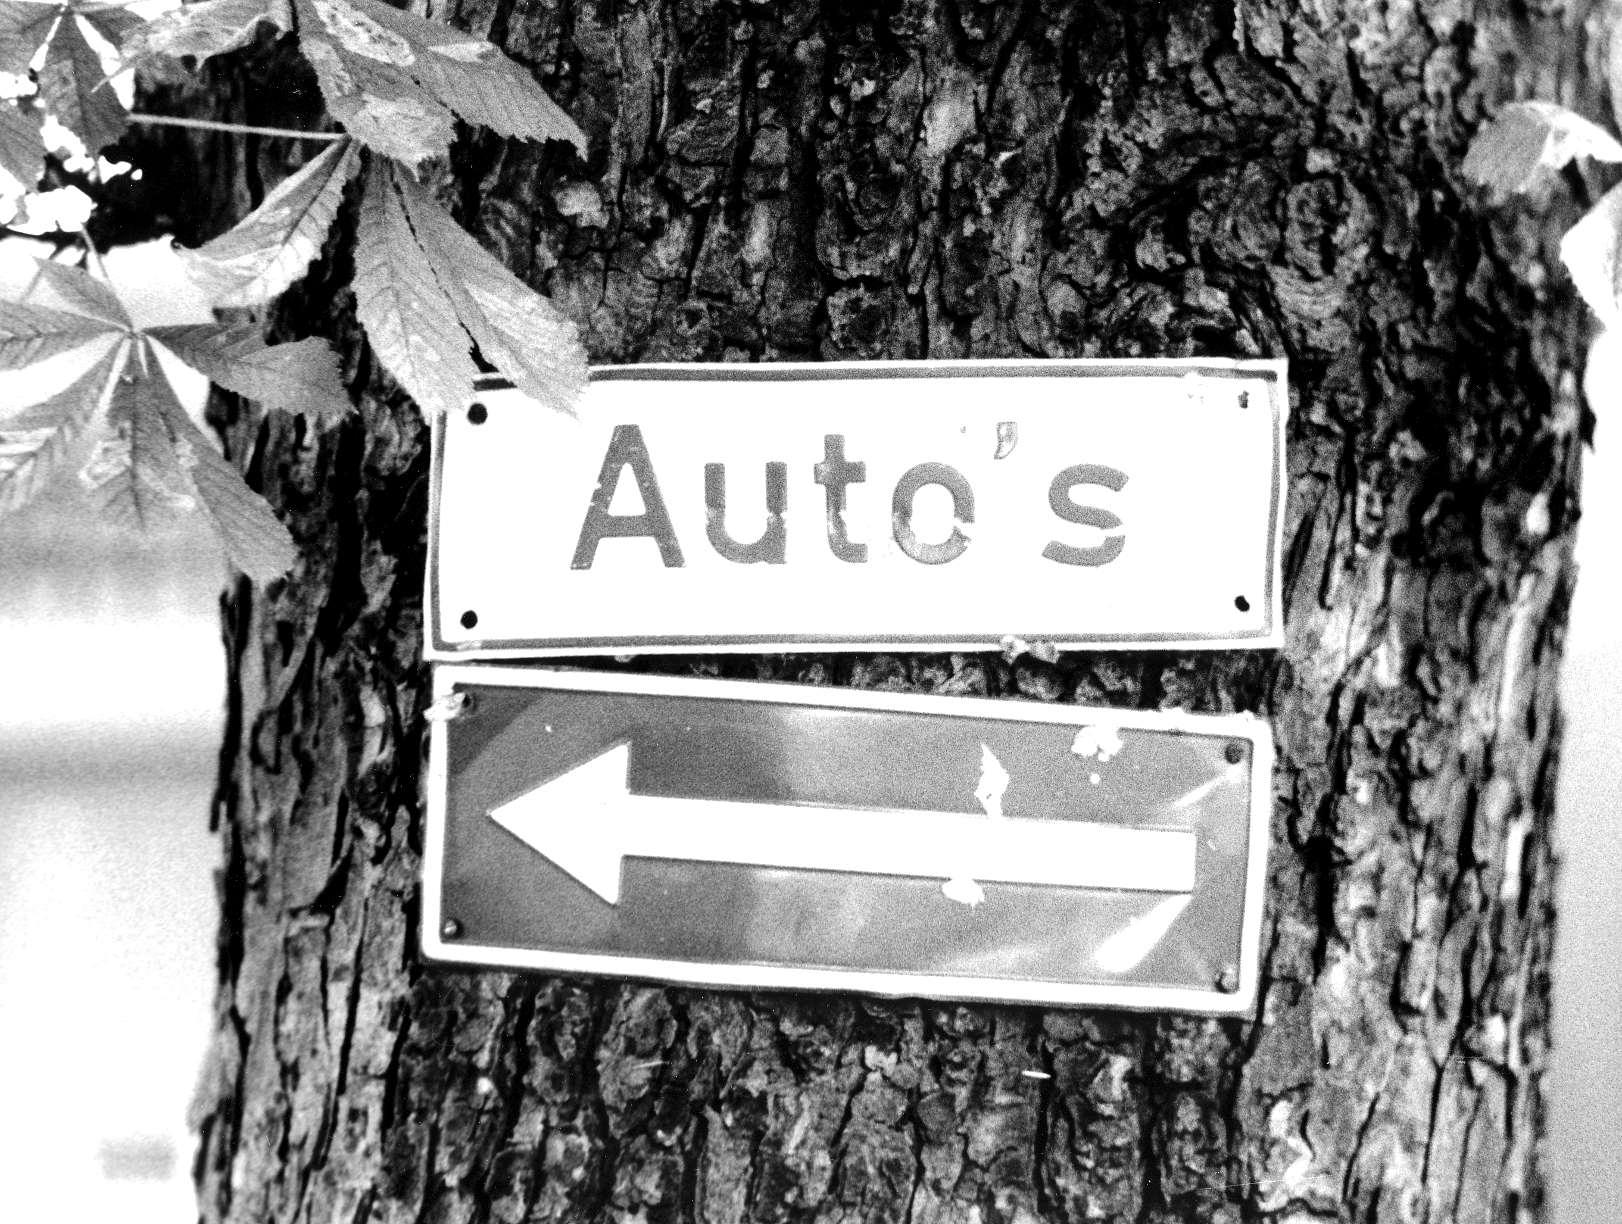 Schilda3-Autos sw kl